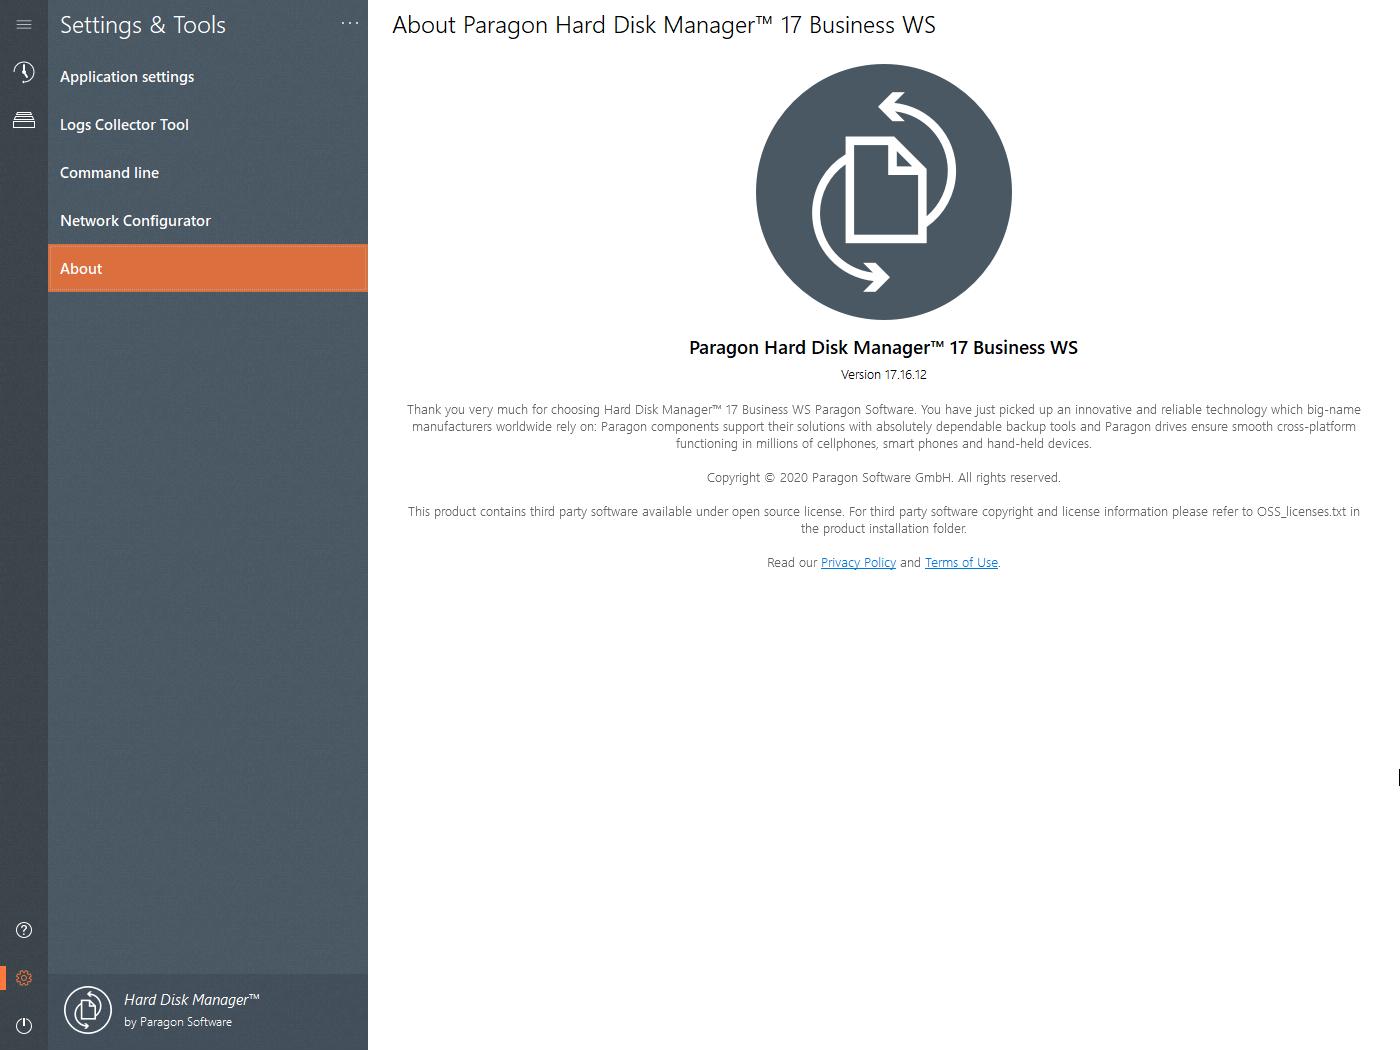 디폴트_PE_Paragon_Hard_Disk_Manager_17_Business_WS.png